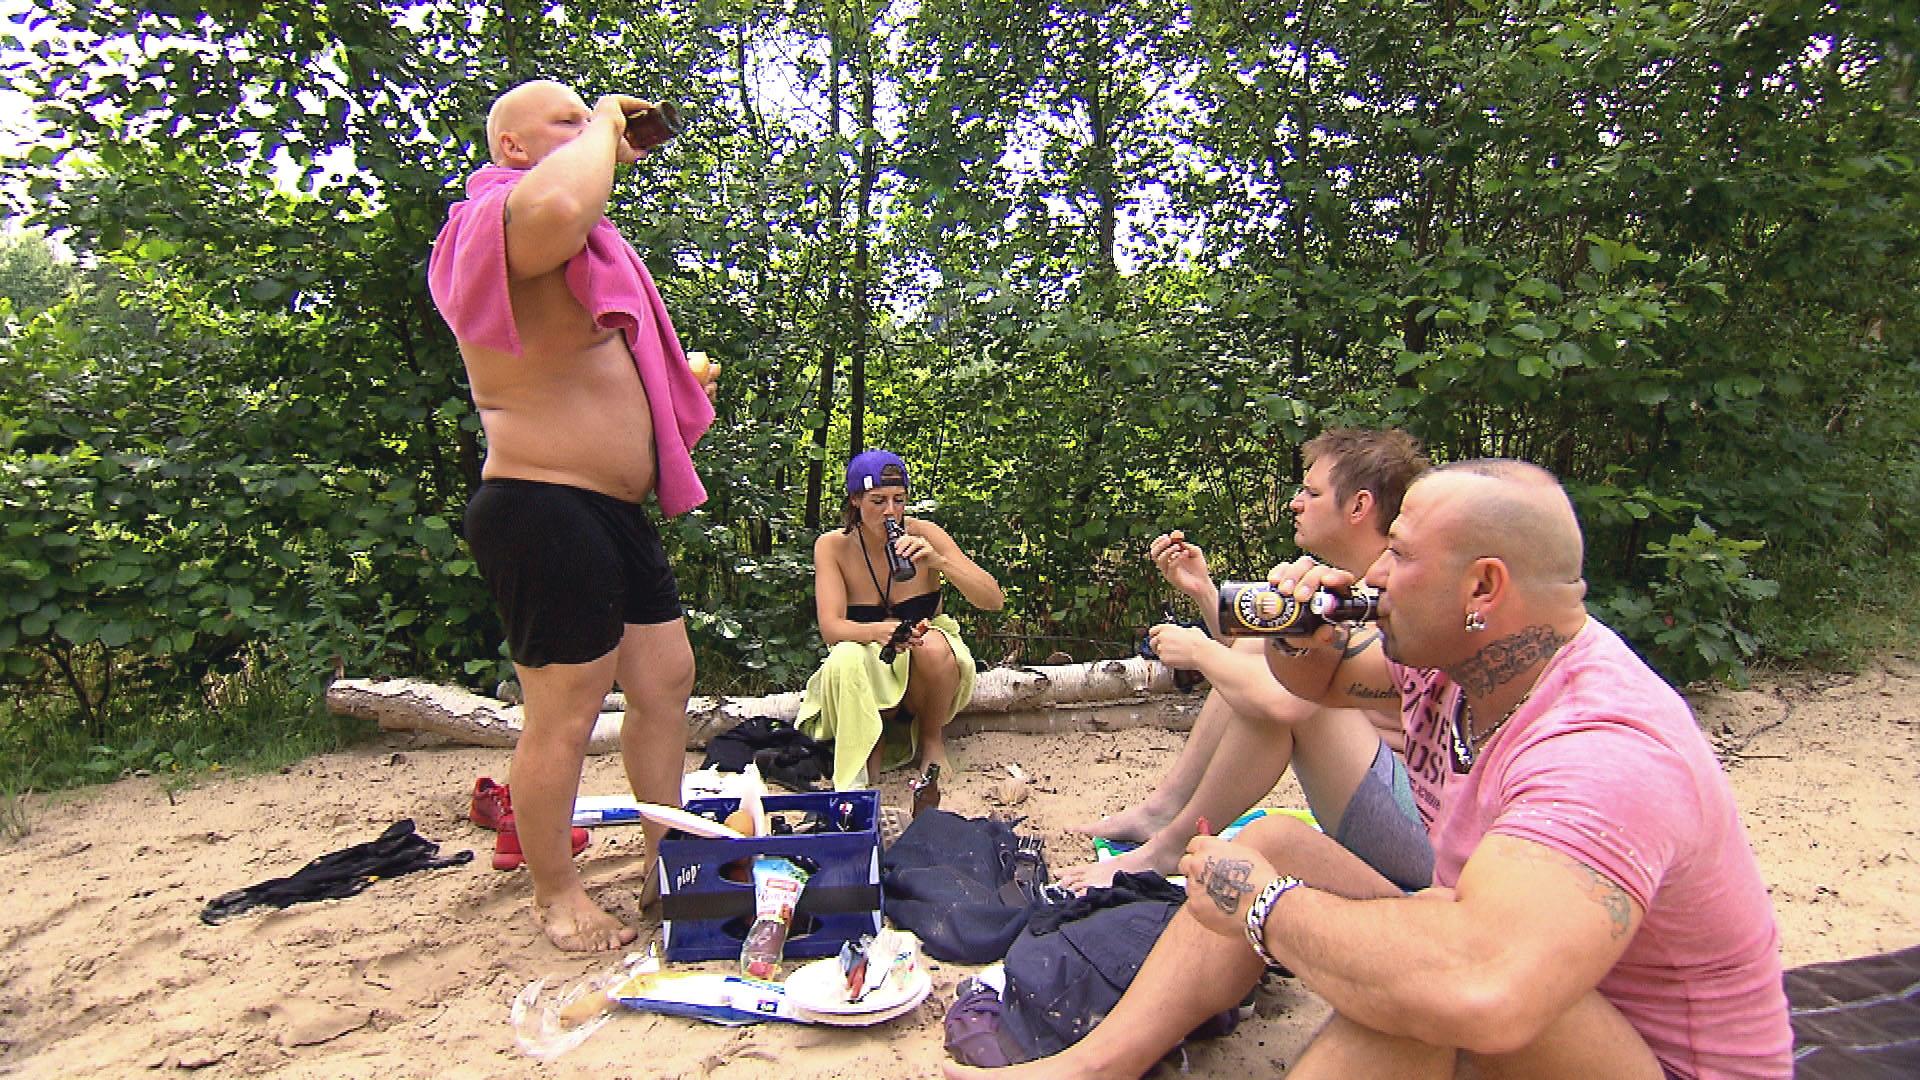 v.l.n.r.: Joe, Alina, Ole, Fabrizio auf einem Grillfest. (Quelle: RTL 2)